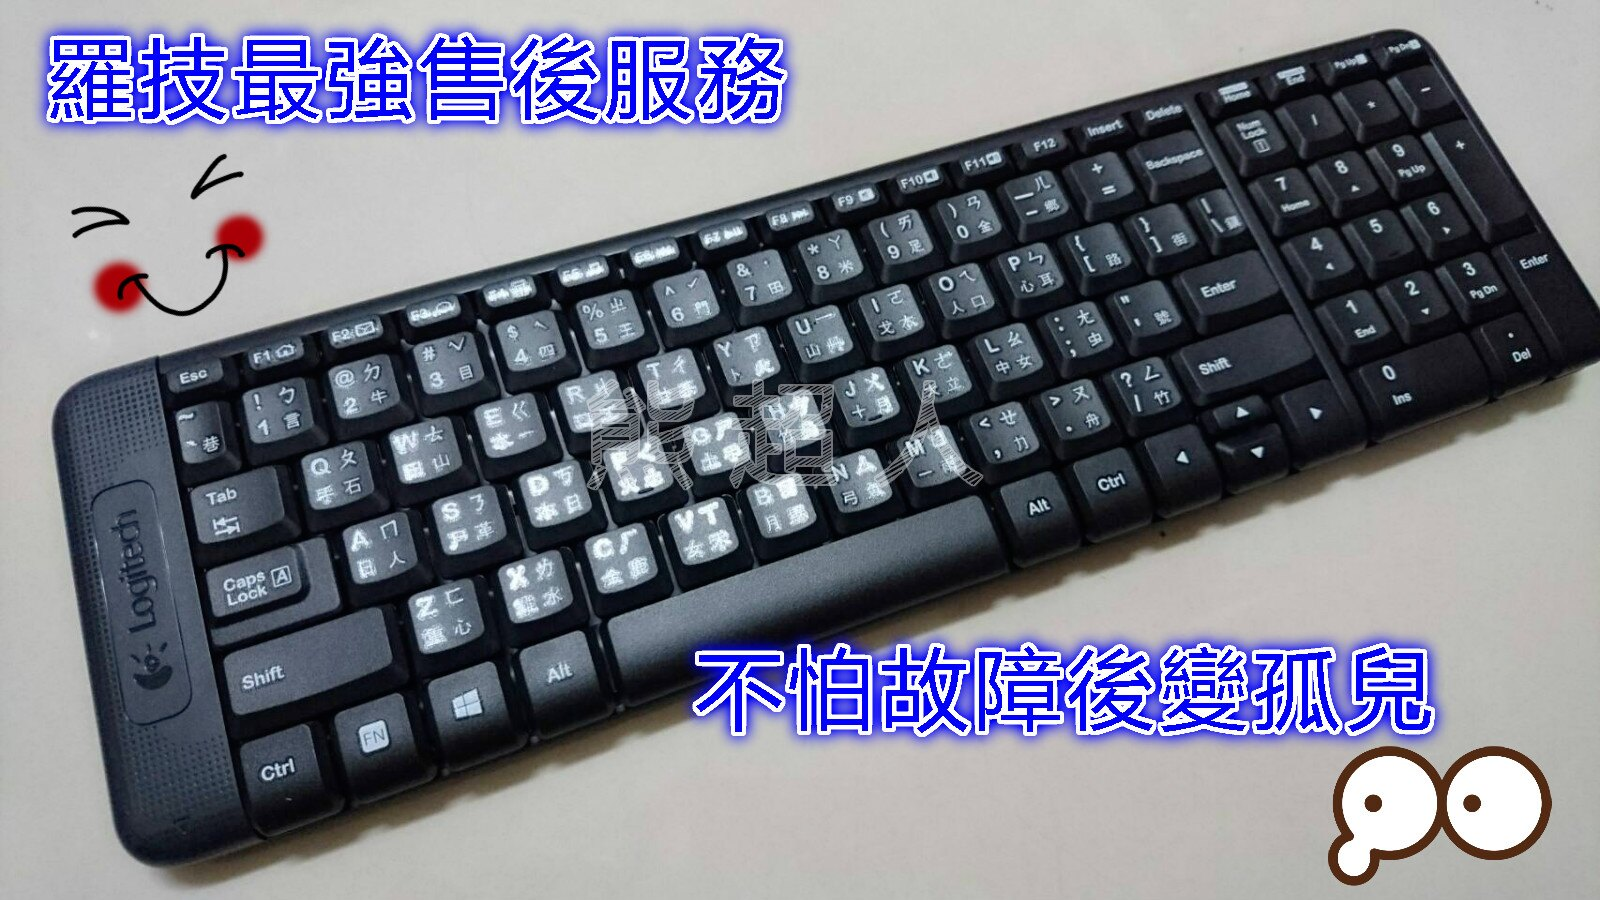 ❤含發票❤團購價❤第一品牌❤有注音❤羅技無線鍵盤滑鼠組❤電競滑鼠電競鍵盤❤桌上型電腦❤筆記型電腦❤LOL英雄聯盟mk220 7